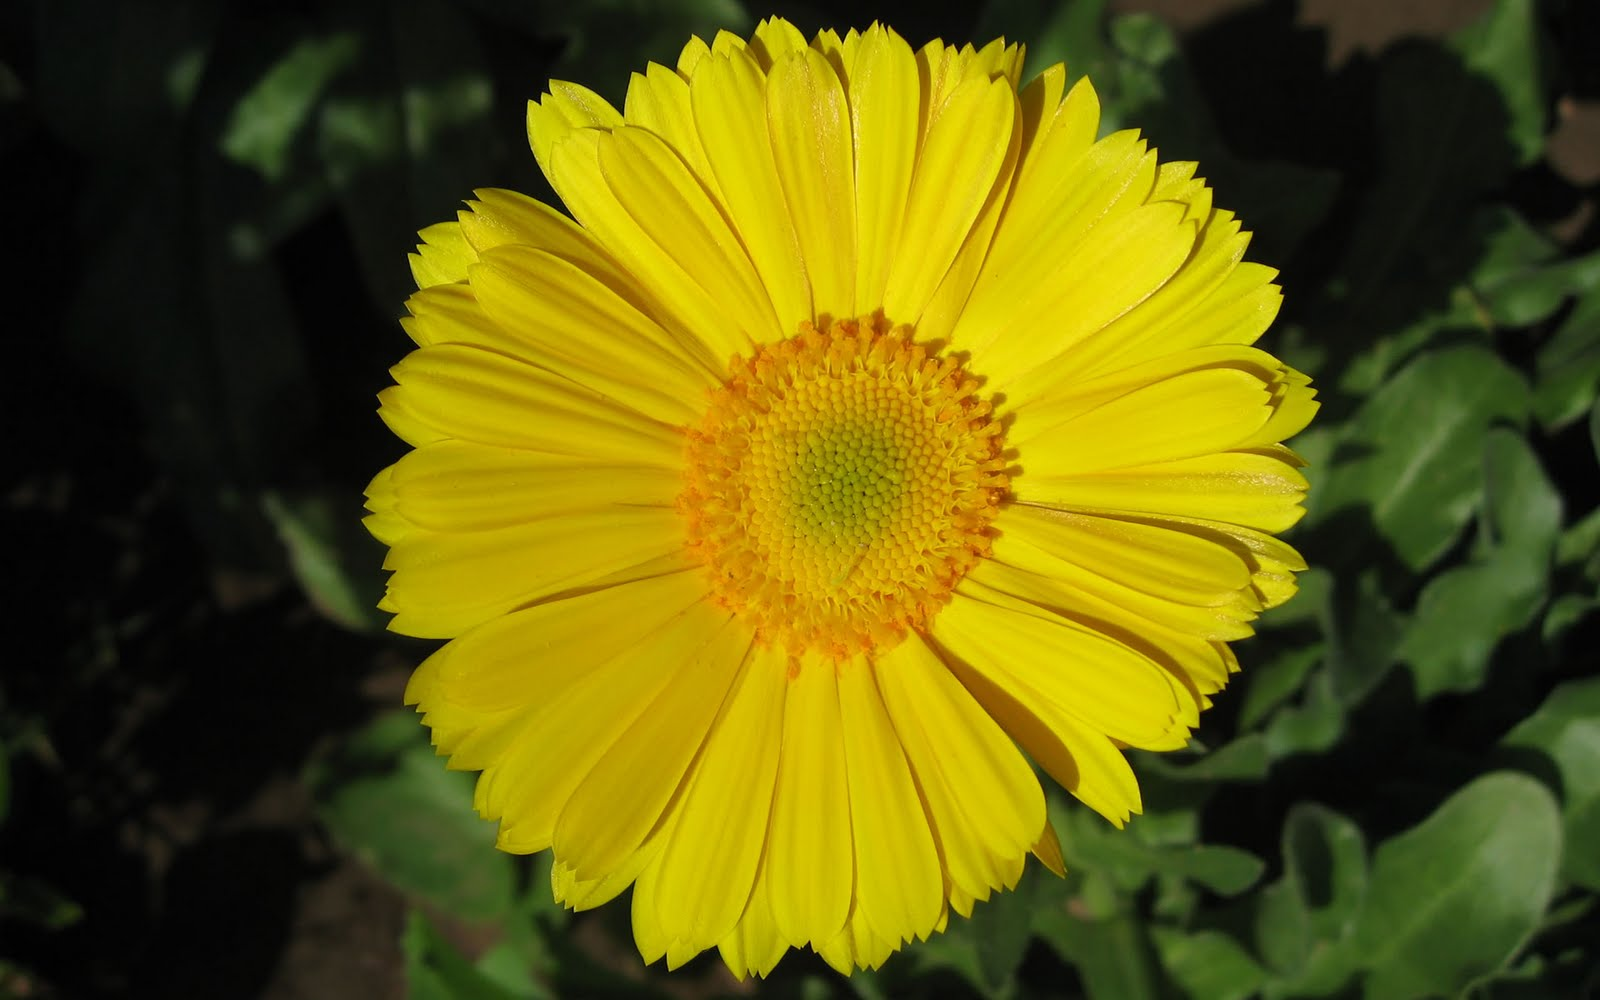 http://4.bp.blogspot.com/-mTAVS6D85FU/TfAGZKIv19I/AAAAAAAAENU/gIS6zQZ1SDk/s1600/gerbera-flower-wallpaper-wide-full-hd%2B127.jpg